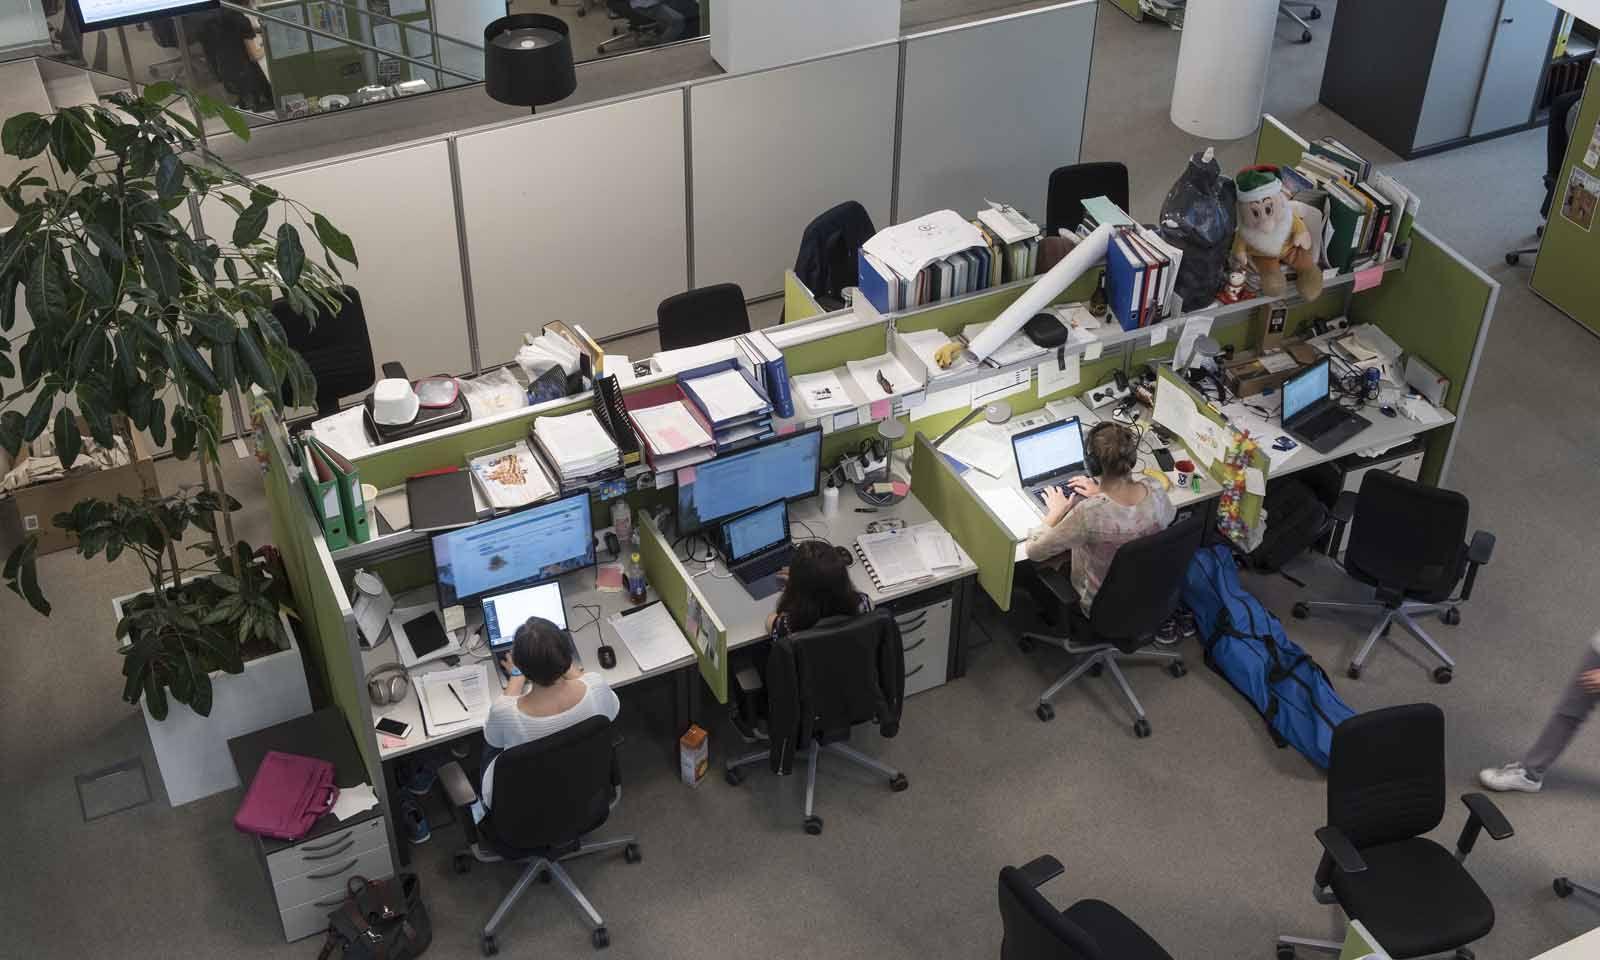 Studenten und Postdoktoranden bei der Arbeit